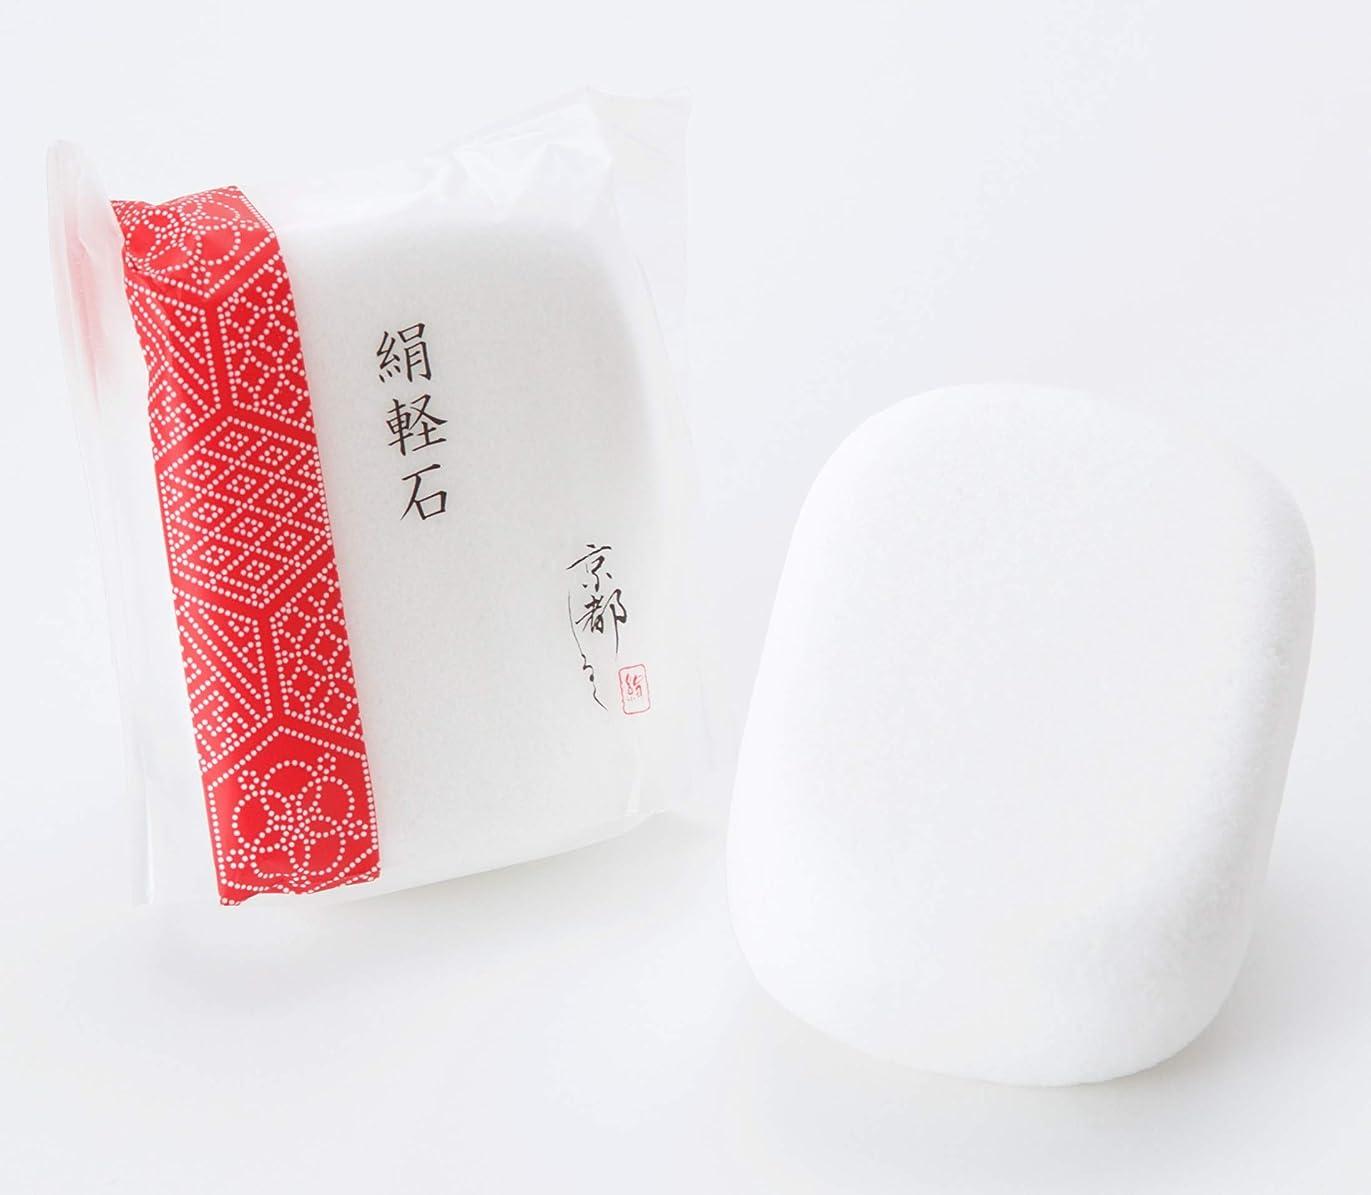 ページ消費する芸術的京都しるく シルクの軽石 2個セット【保湿成分シルクパウダー配合】/かかとの角質を落としてツルツル素足に 絹軽石 かかとキレイ かかとつるつる